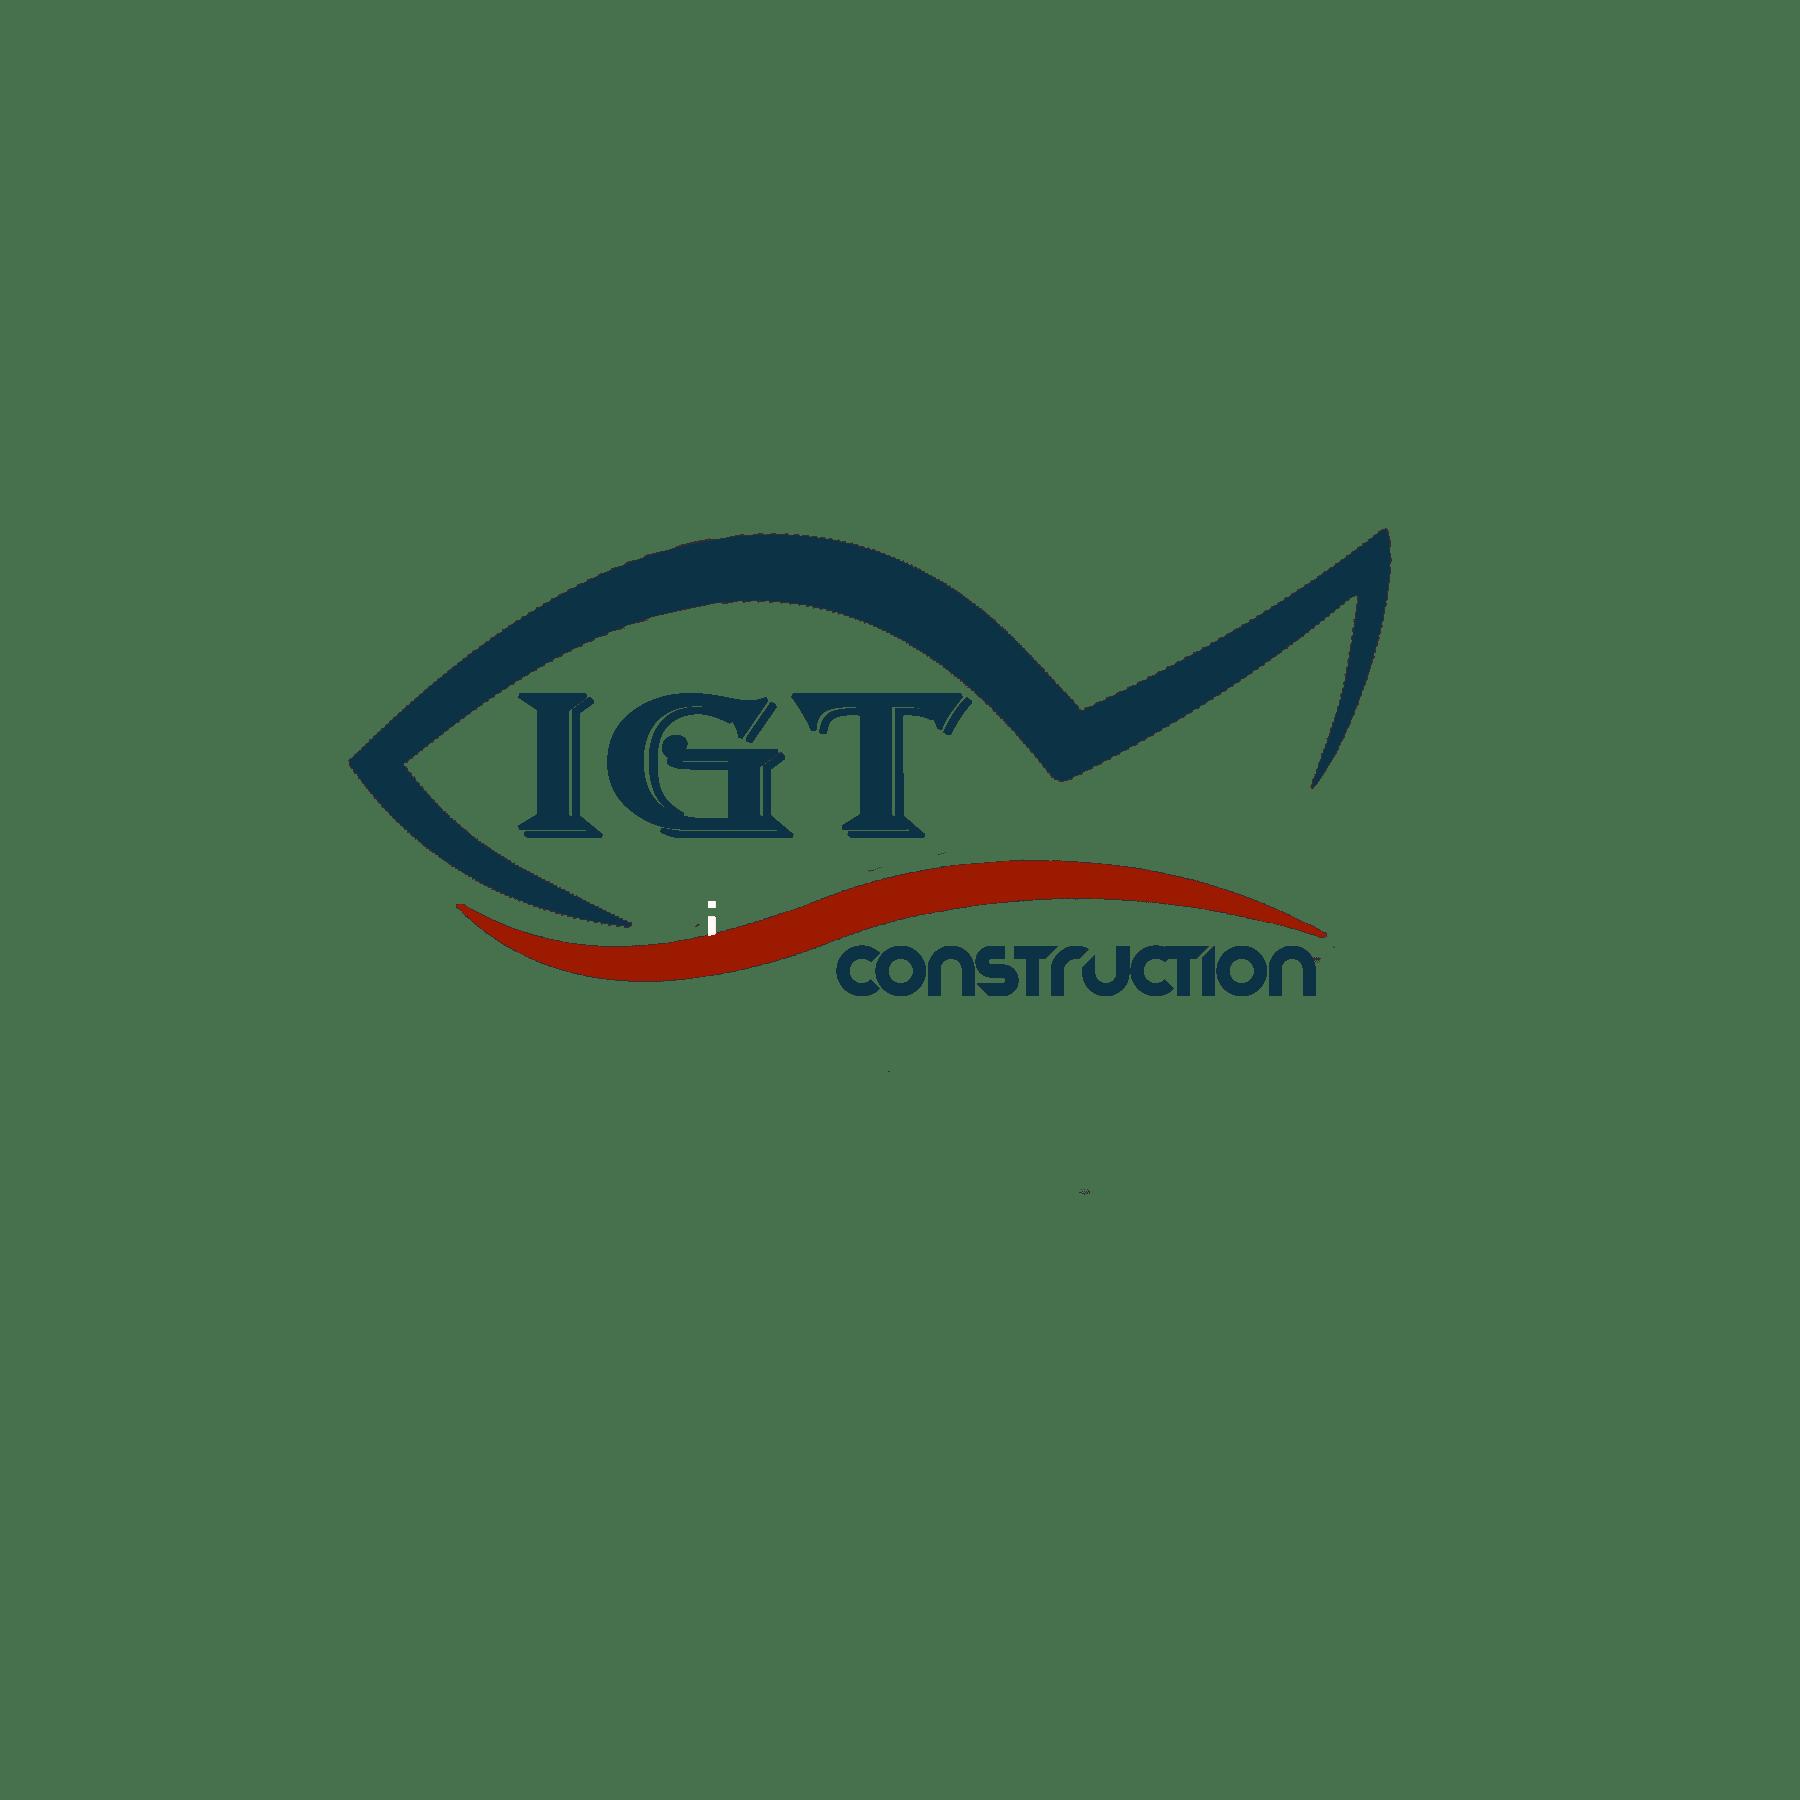 IGT Construction LLC